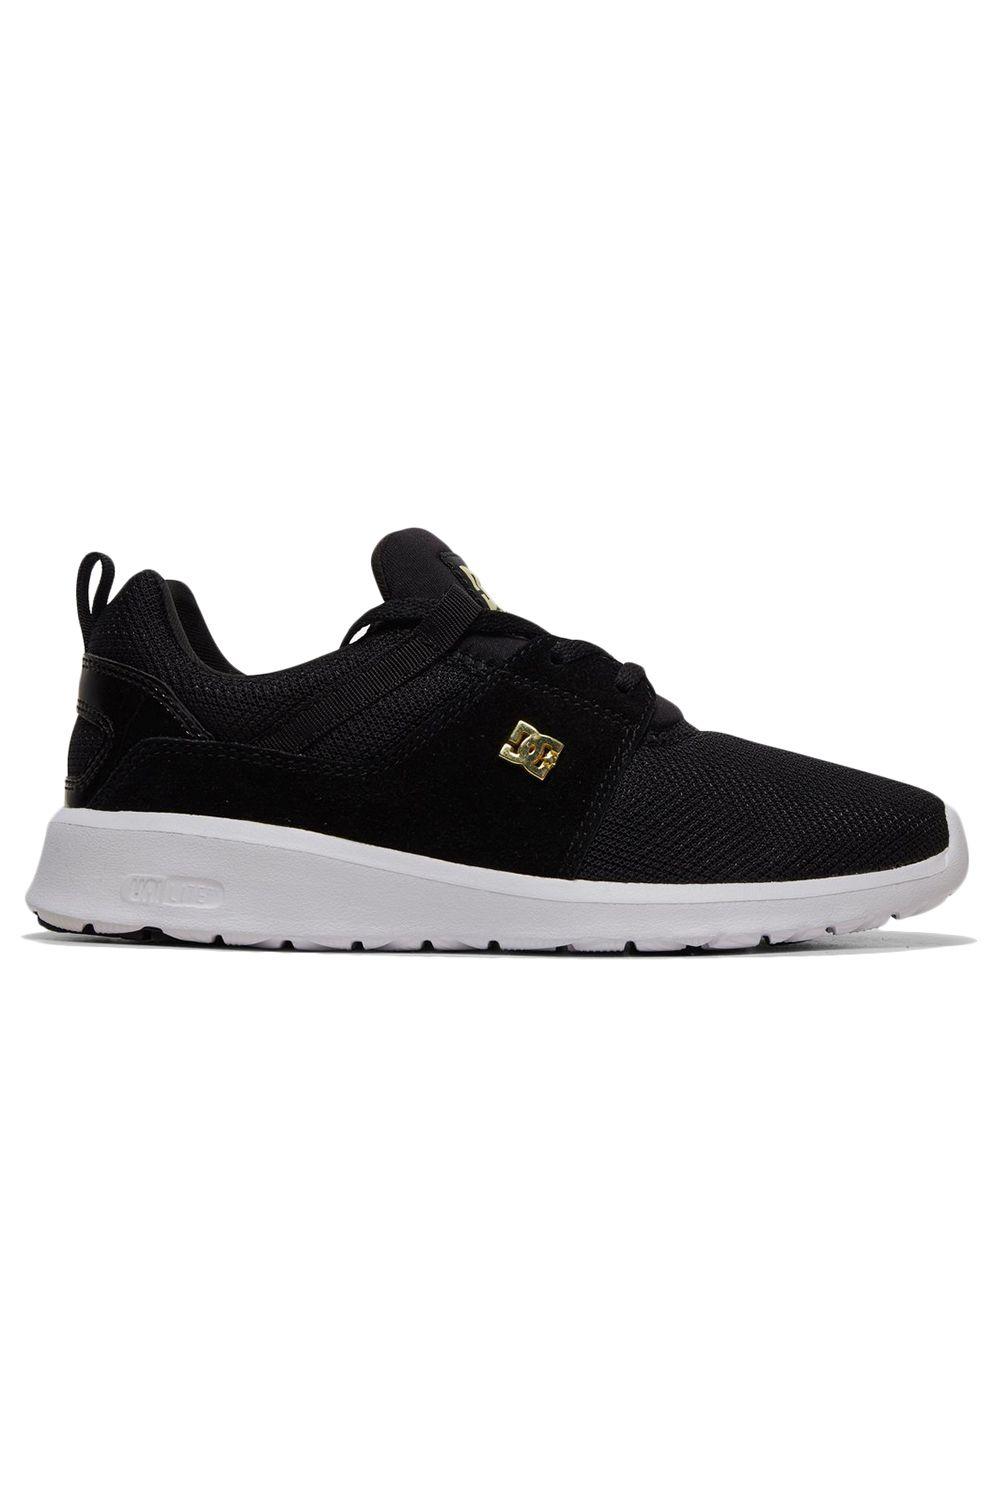 Tenis DC Shoes HEATHROW SE Black/Gold